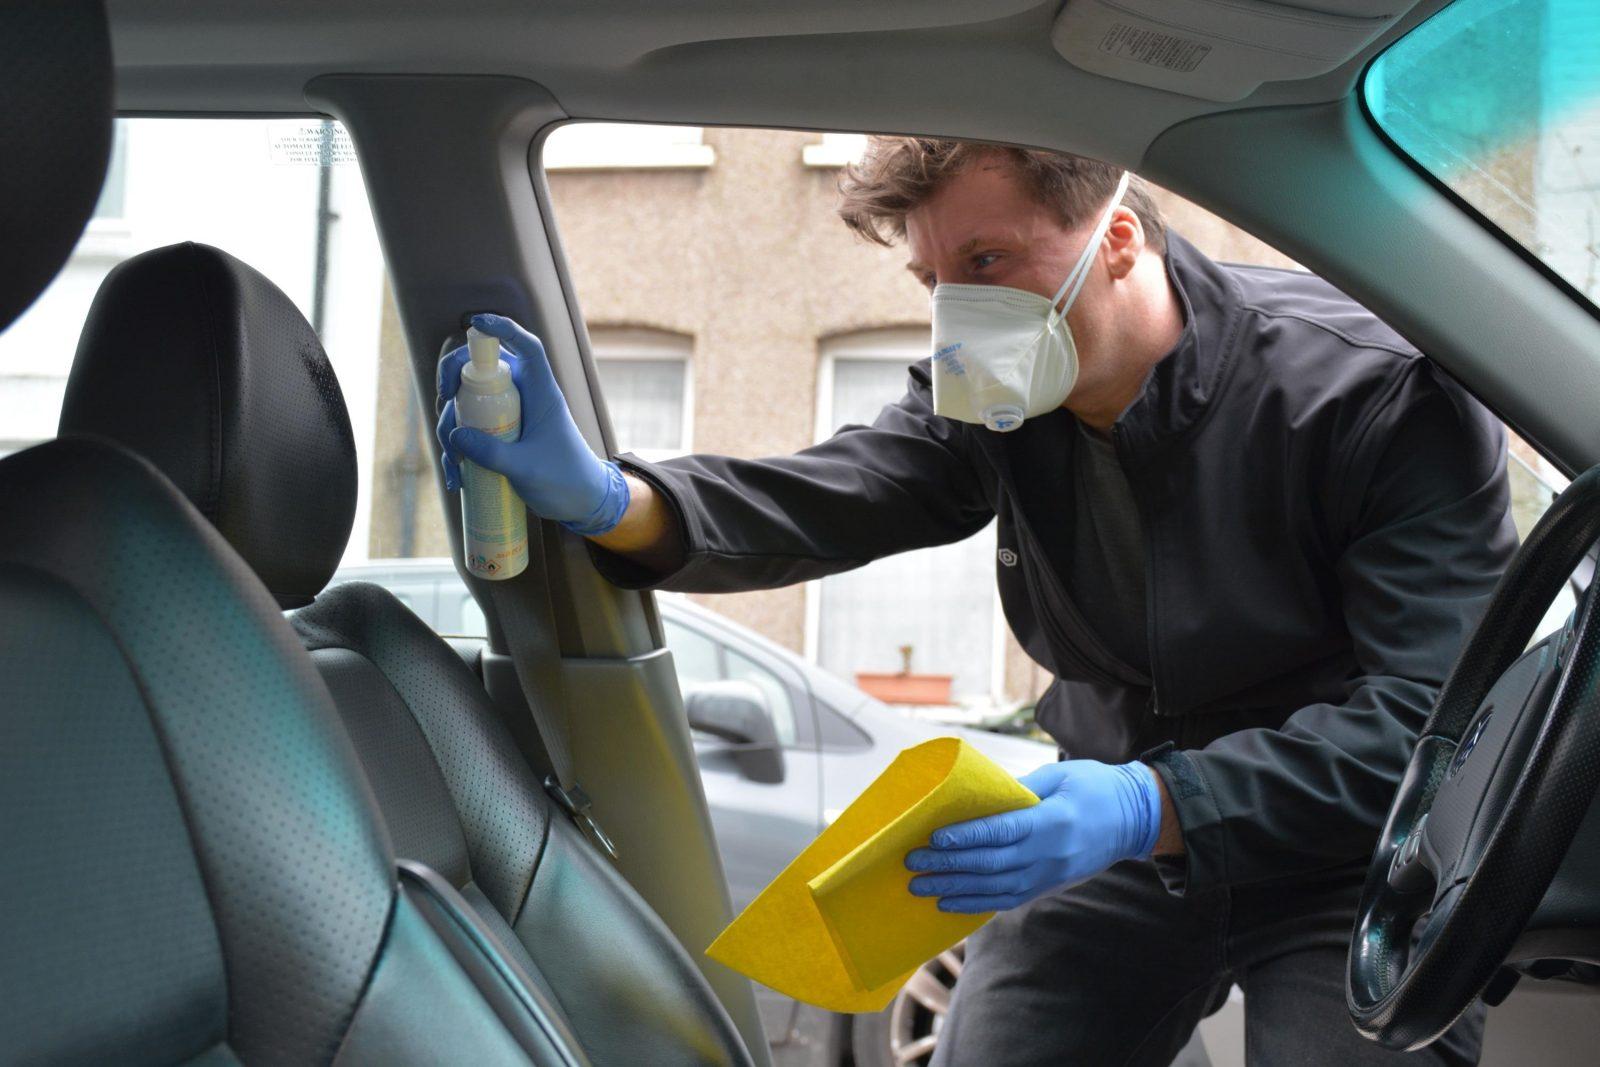 Limpiar Y Desinfectar El Coche Para Eliminar El Coronavirus